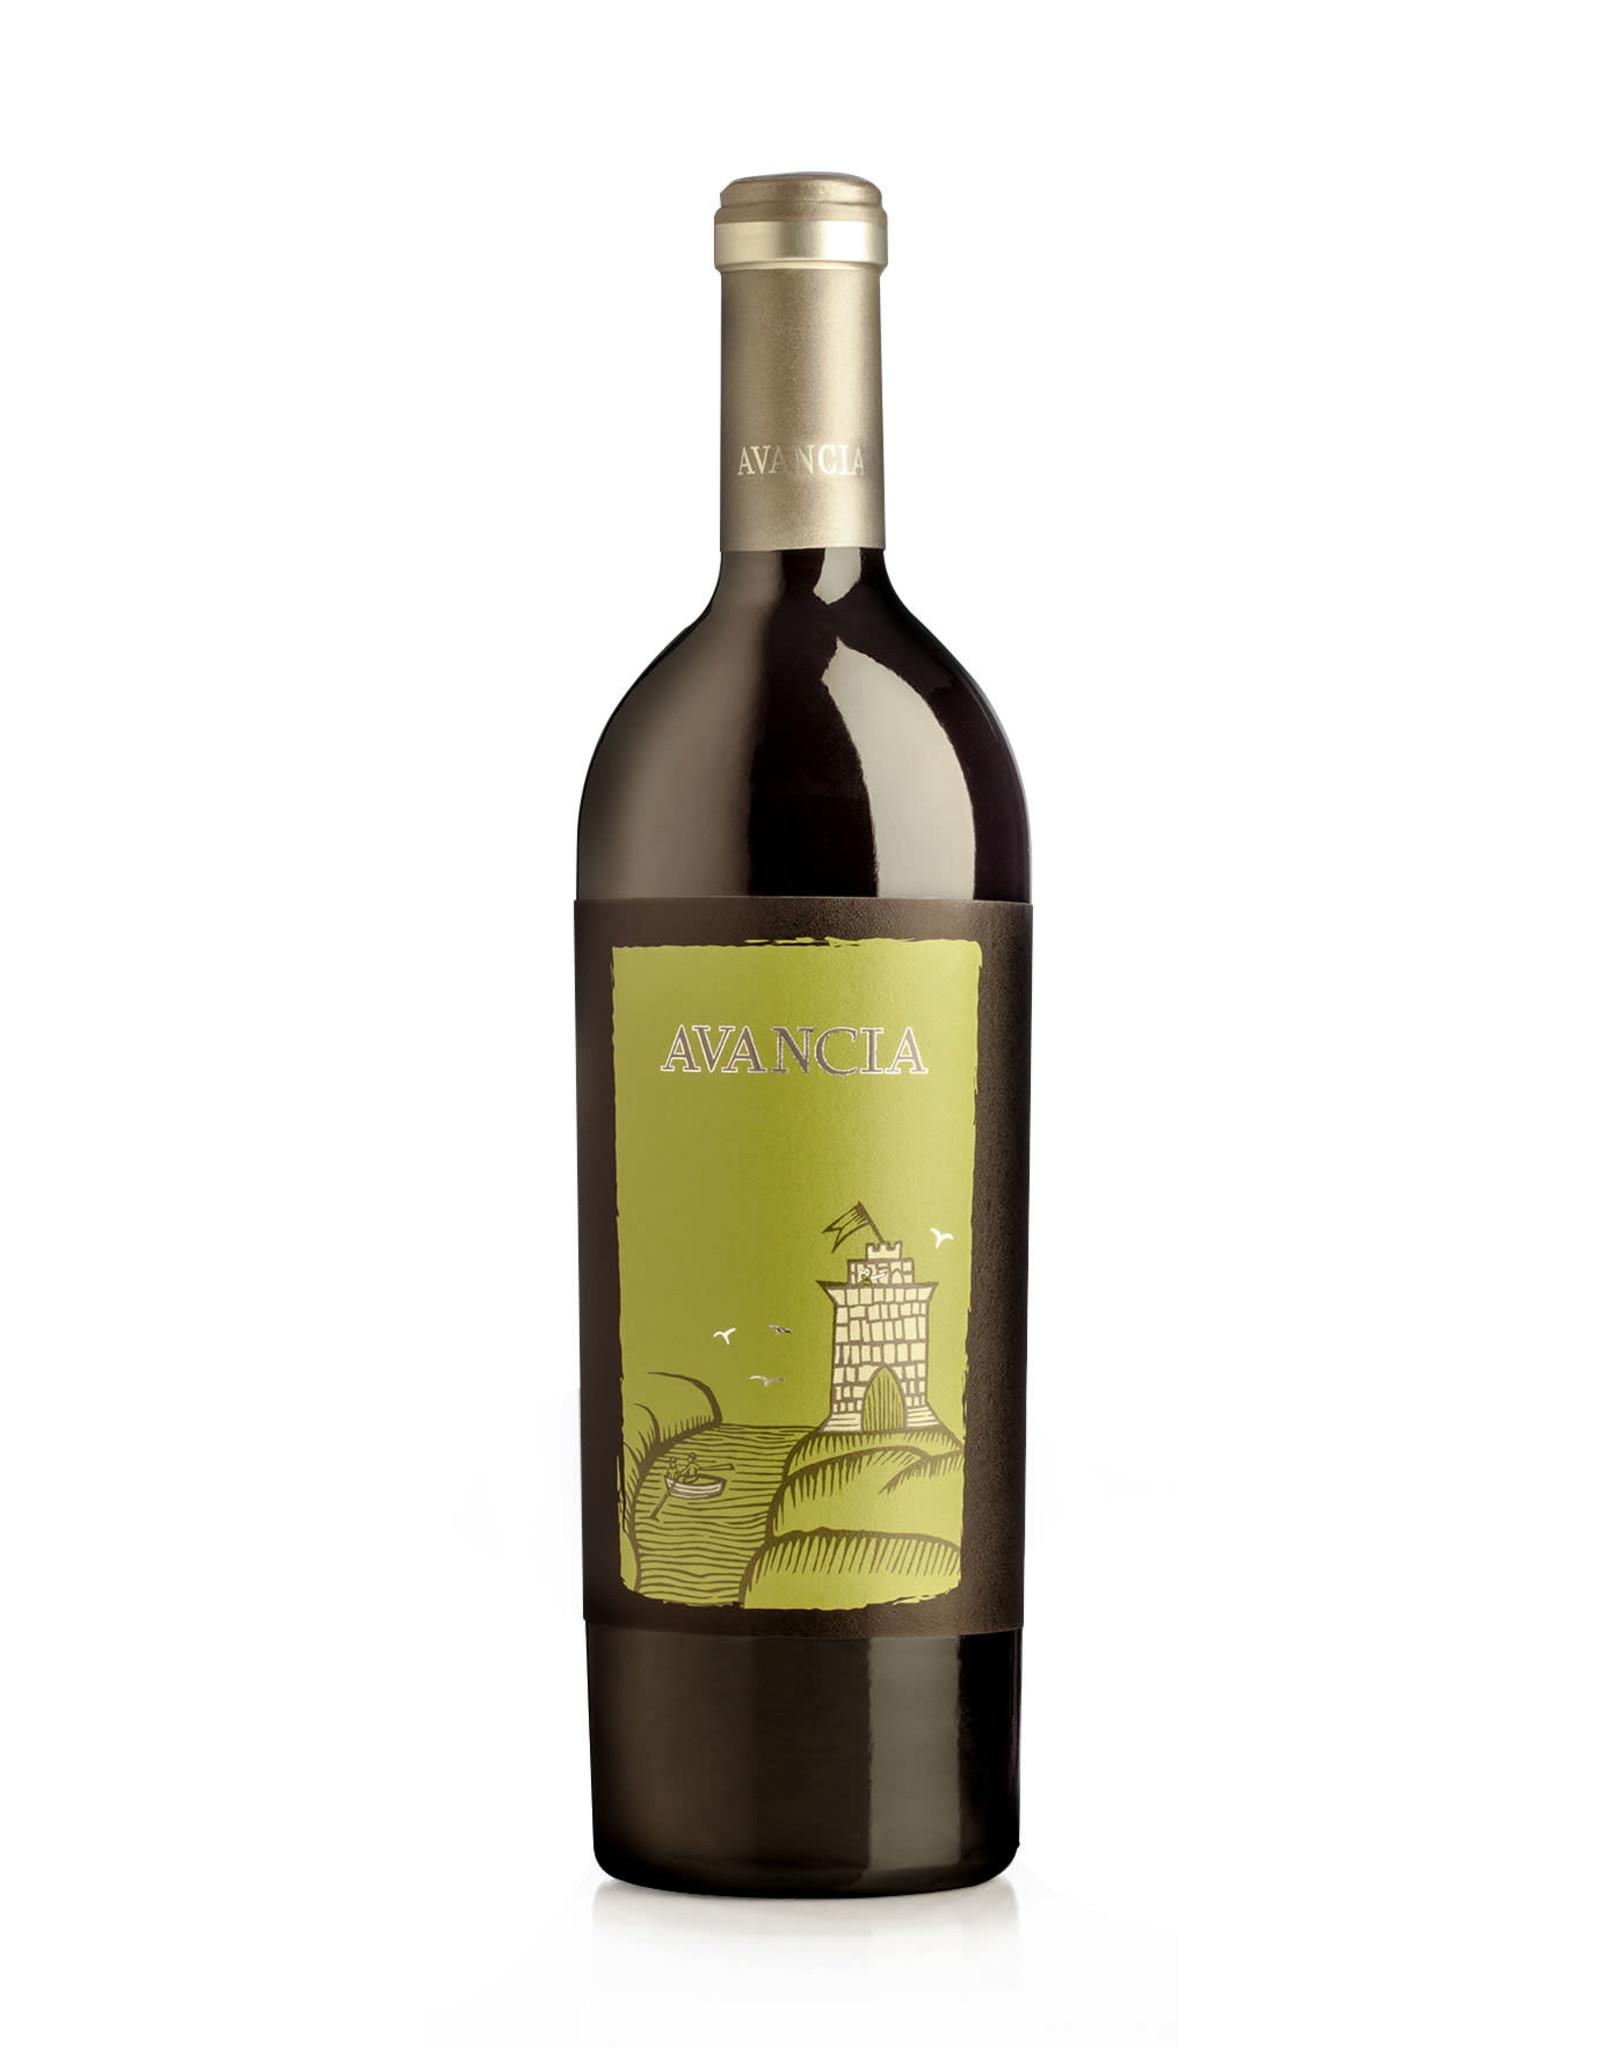 Avancia Avancia Mencia Vinas Viejas, Valdeorras 2014